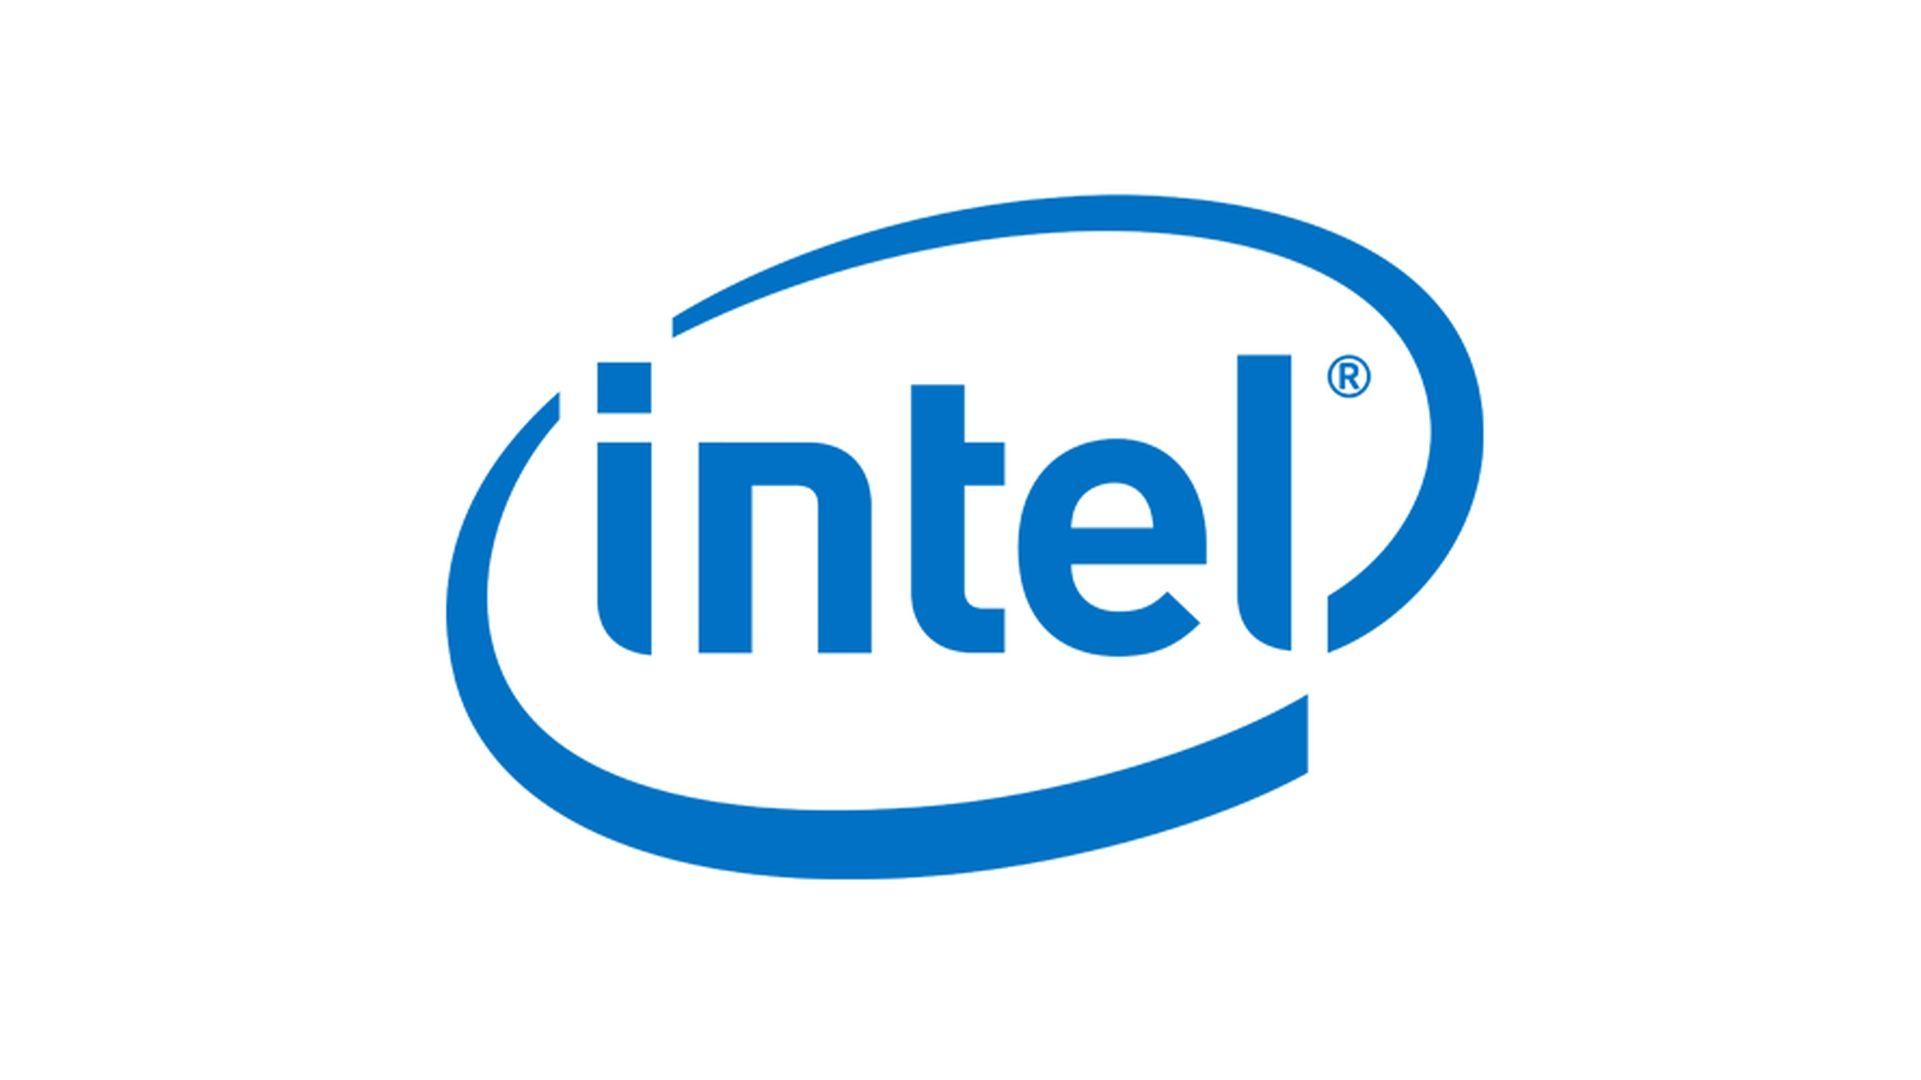 Firma Apple chcę kupić dział modemów od firmy Intel